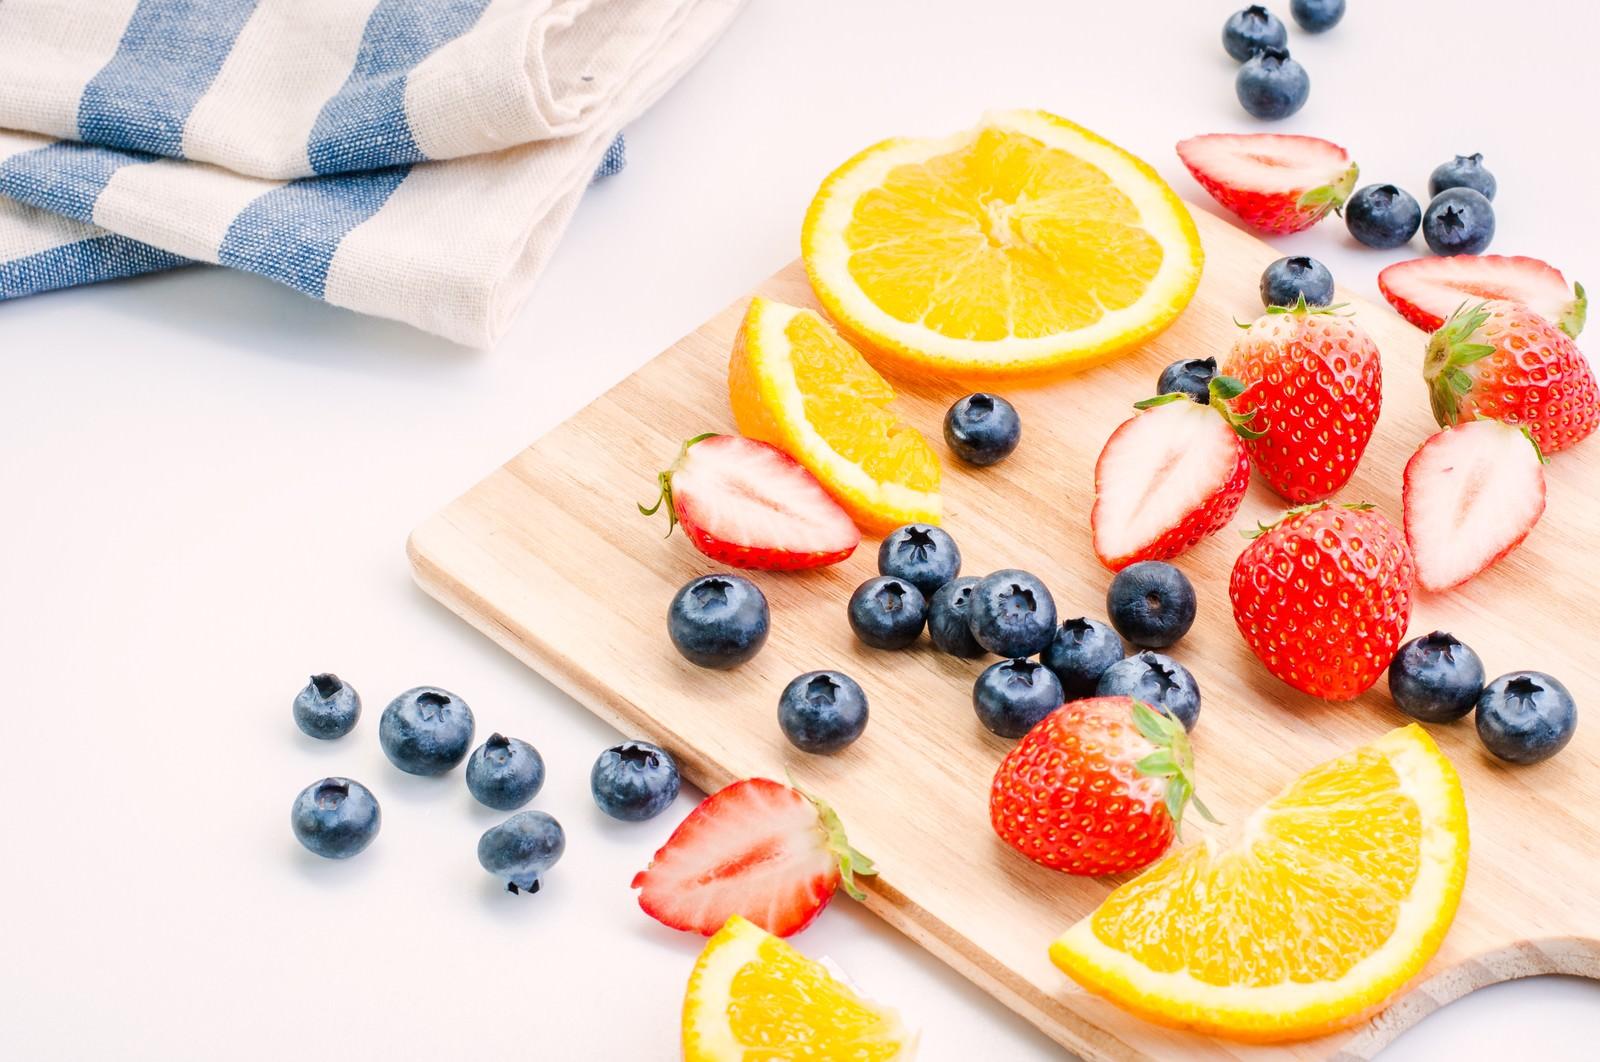 「苺やレモンなどのカットフルーツ」の写真